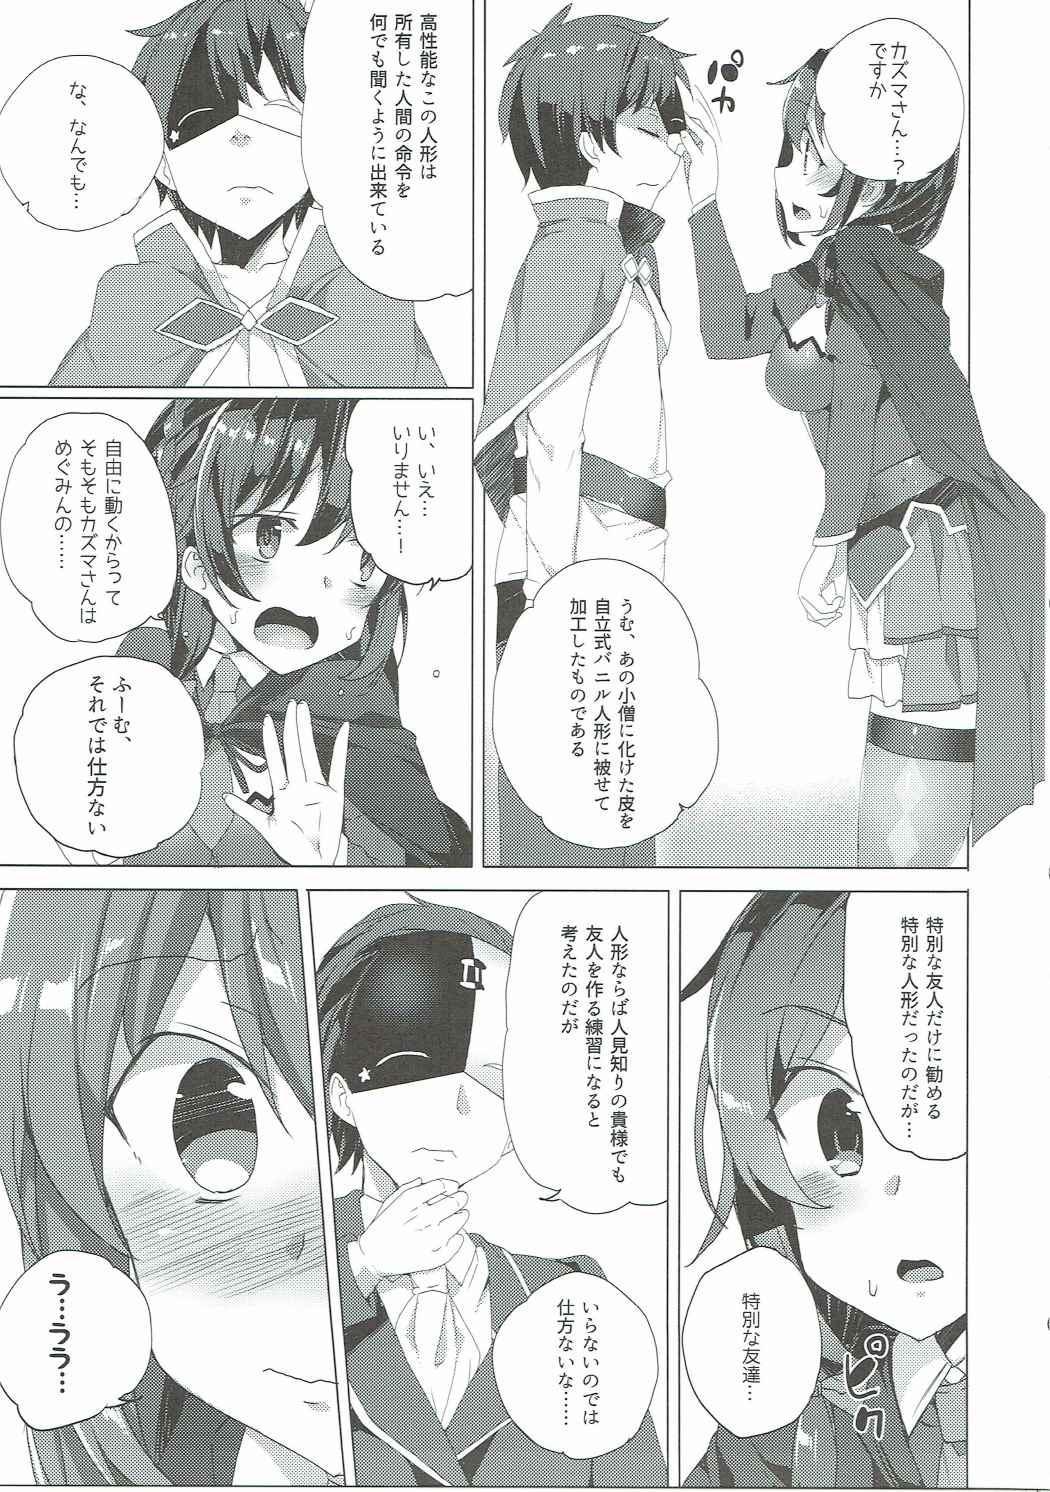 Kono Subarashii Kouma no Musume-tachi to 3P o! 7